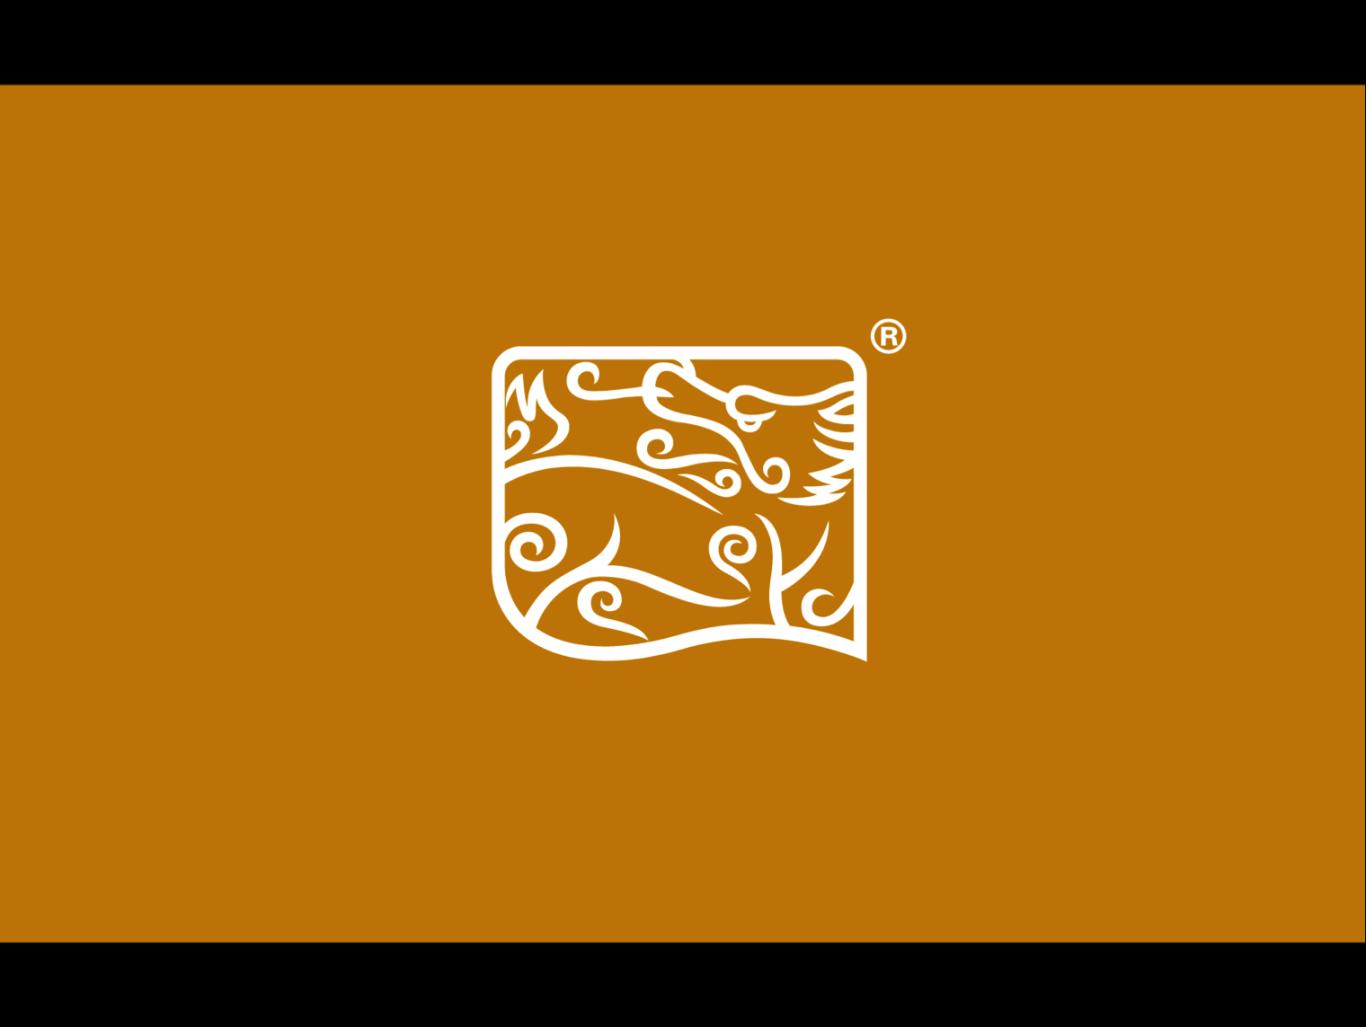 麒麟瑞祥珠宝 logo设计图1